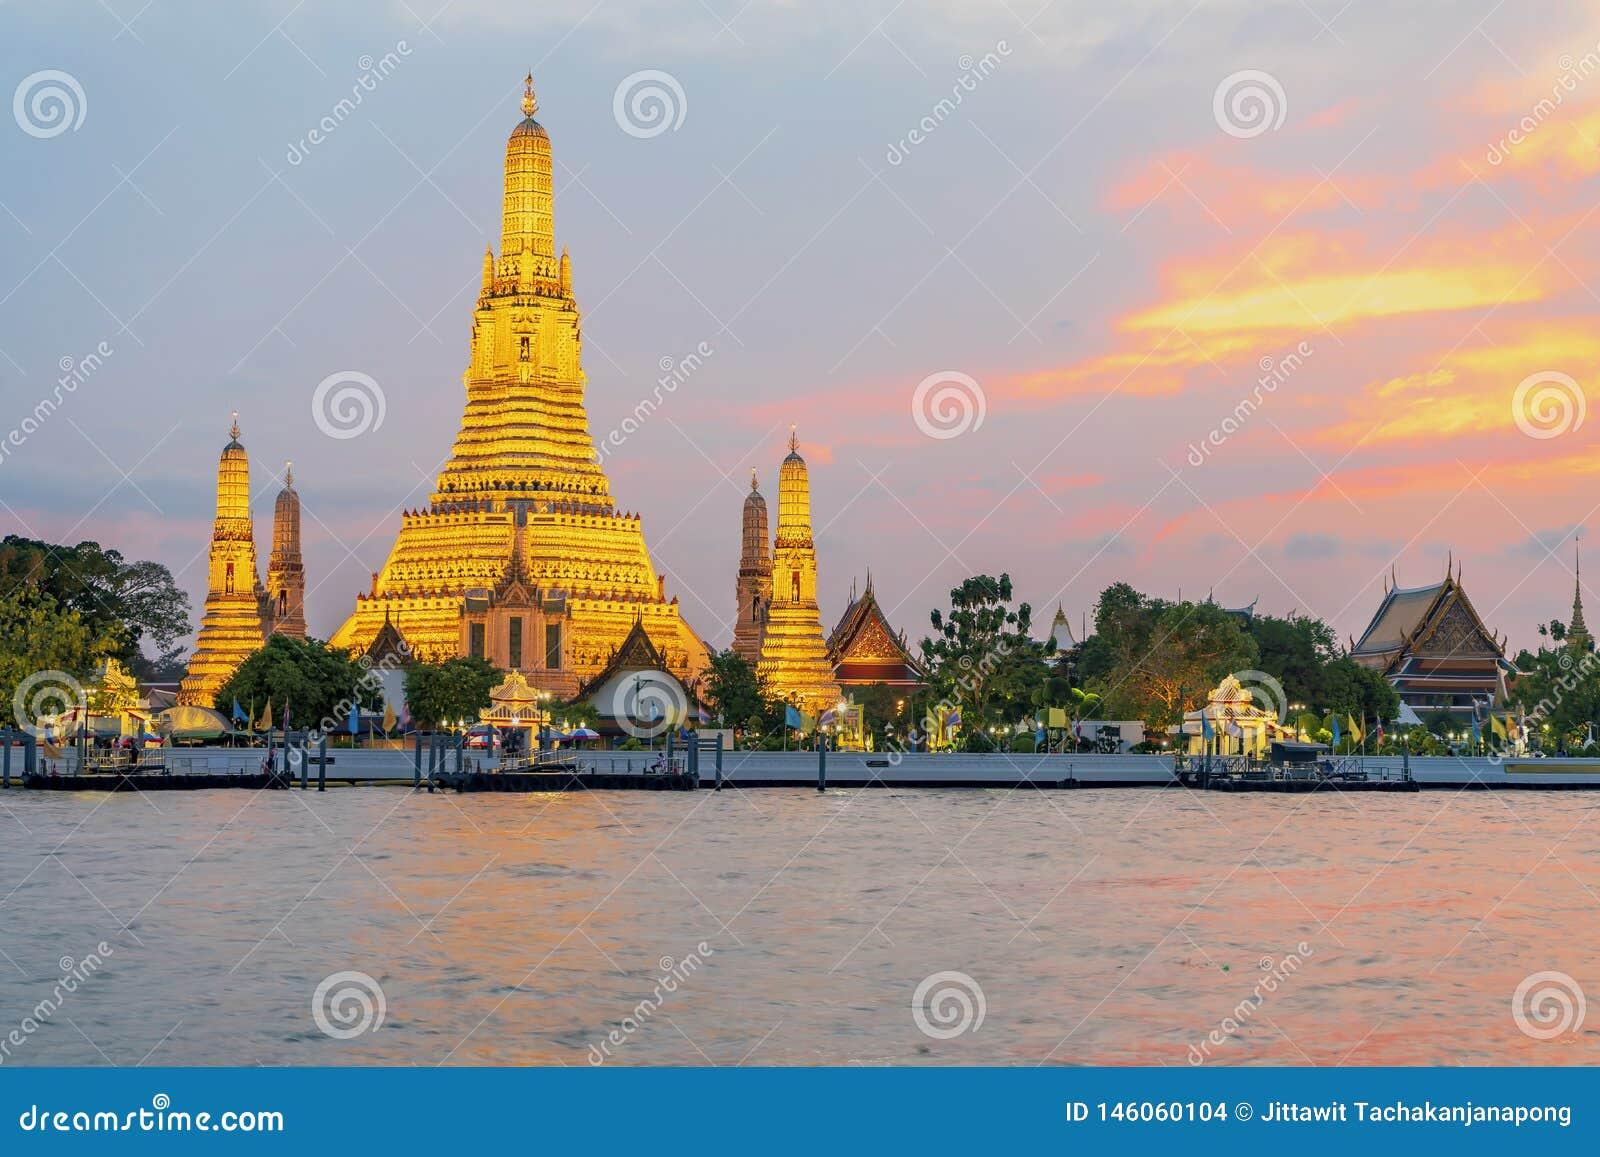 Ναός Arun Wat στο ηλιοβασίλεμα στη Μπανγκόκ Ταϊλάνδη